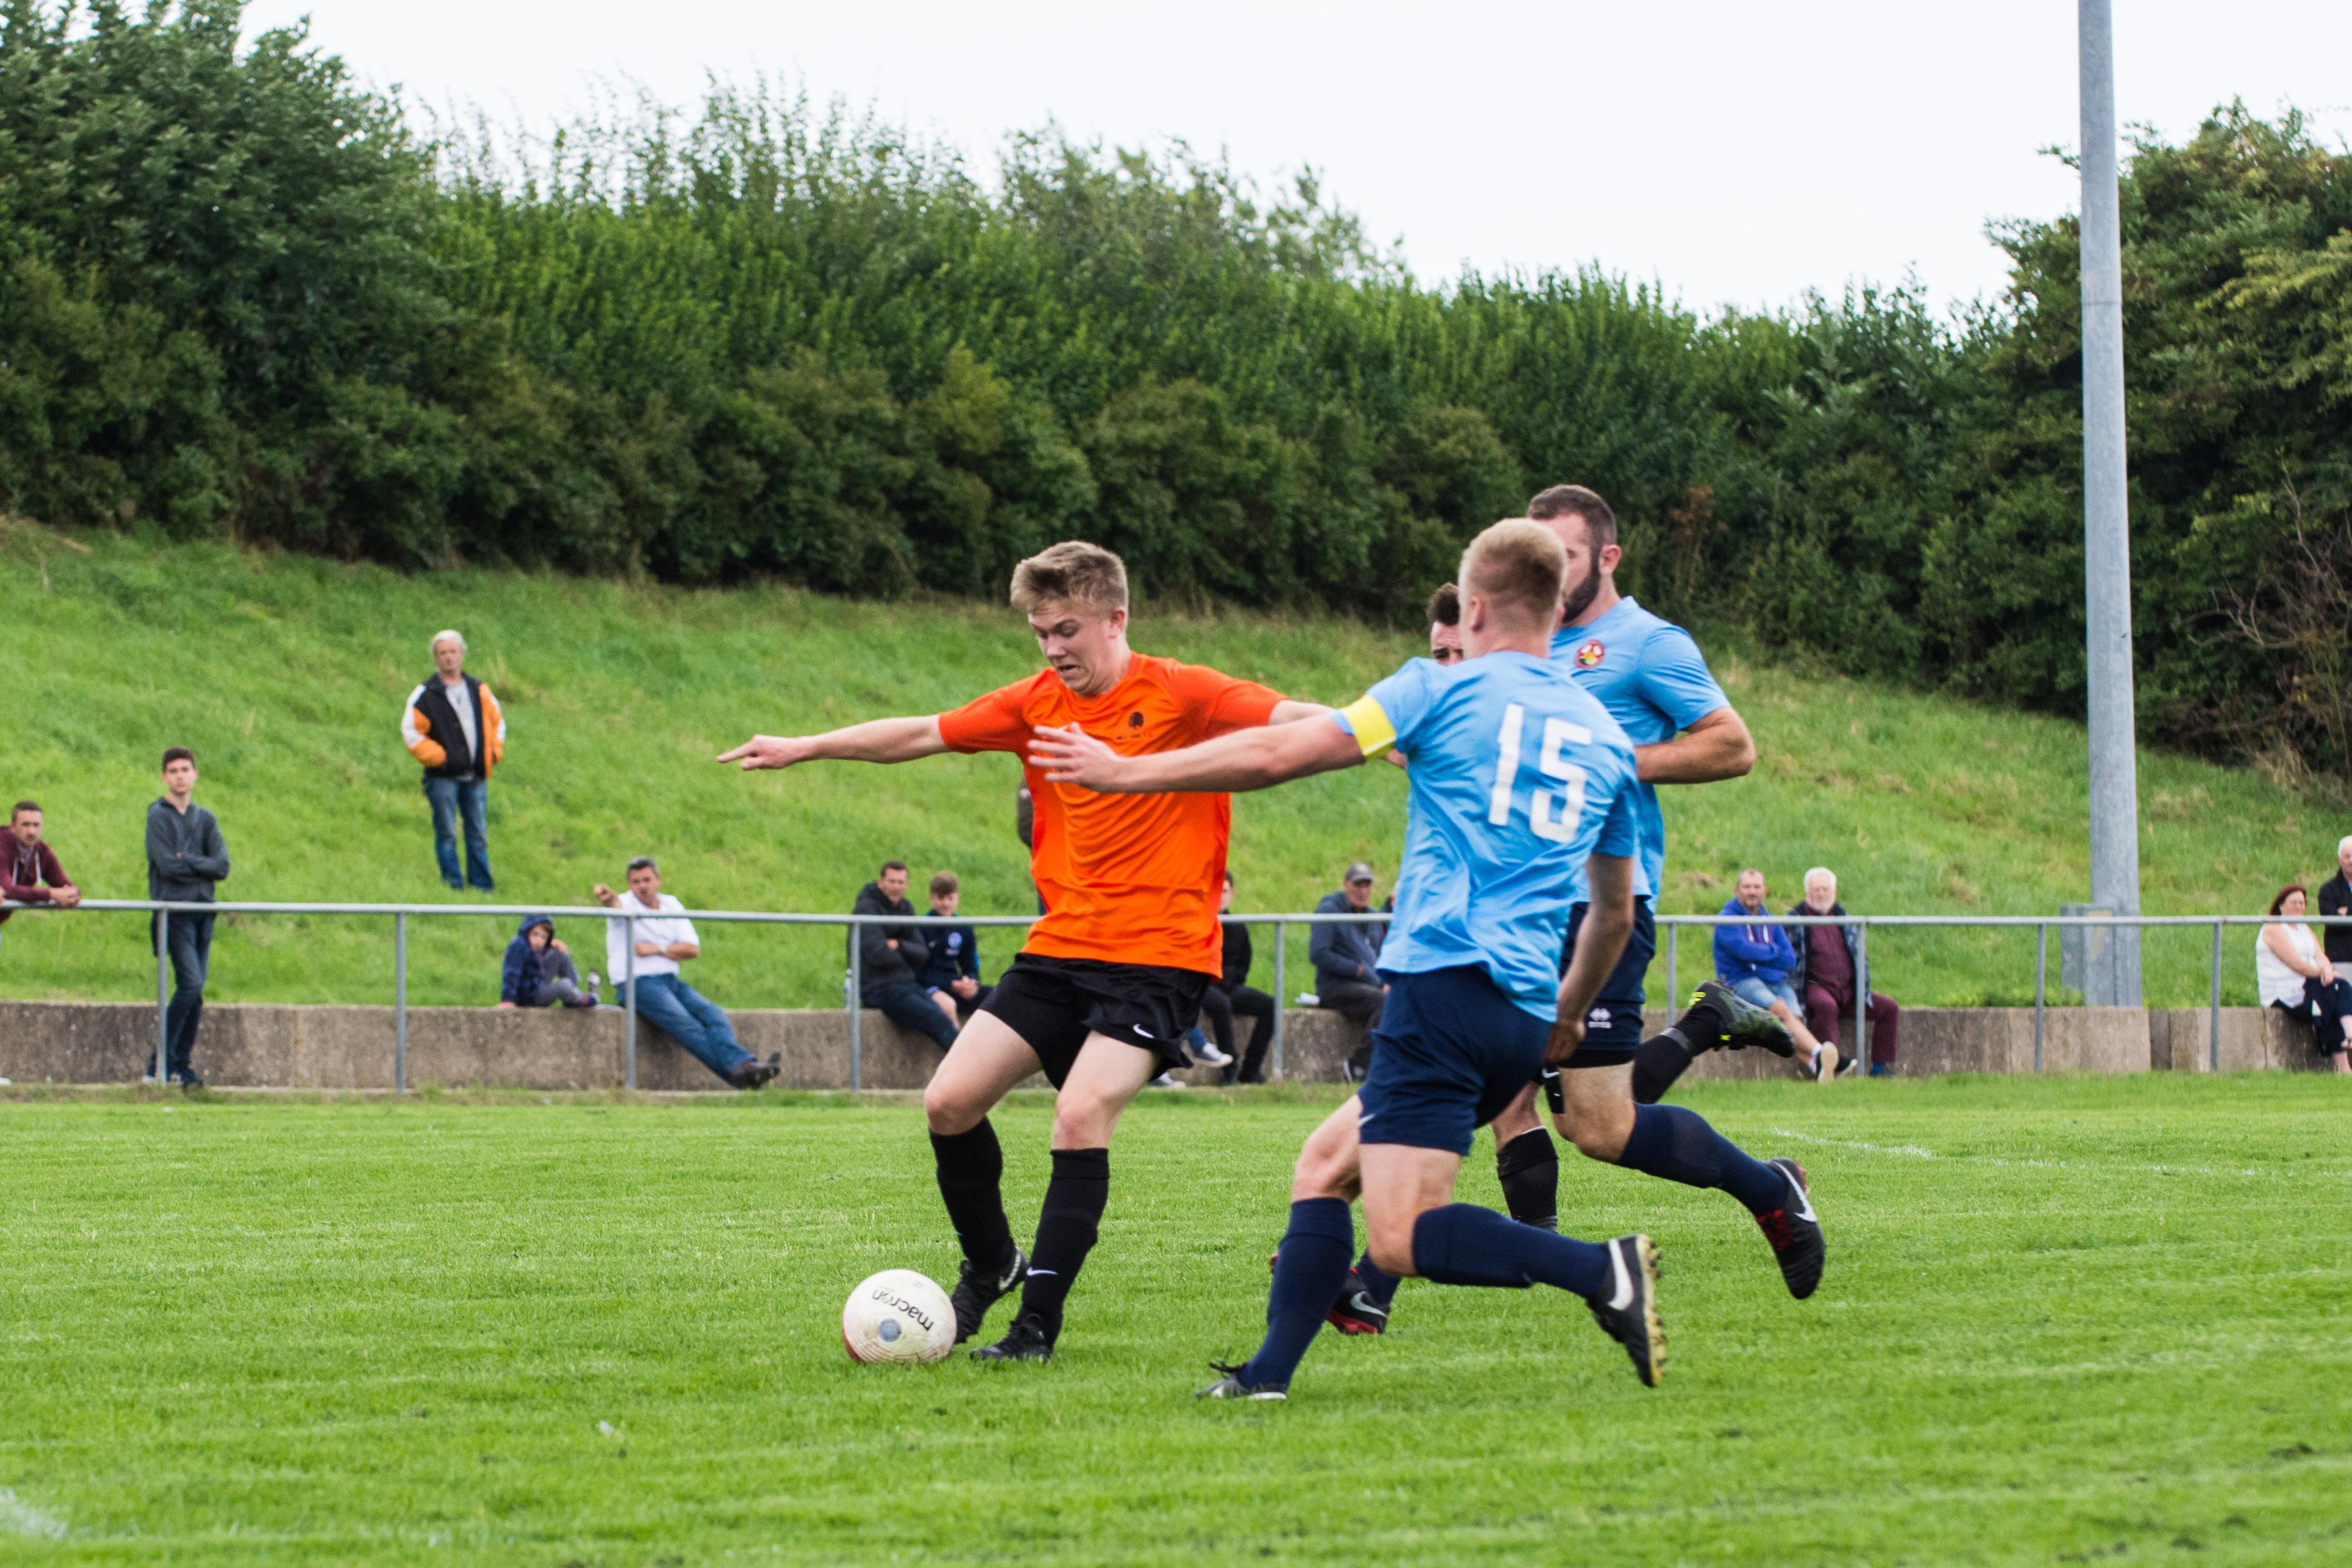 DAVID_JEFFERY MOFC vs Steyning 18.08